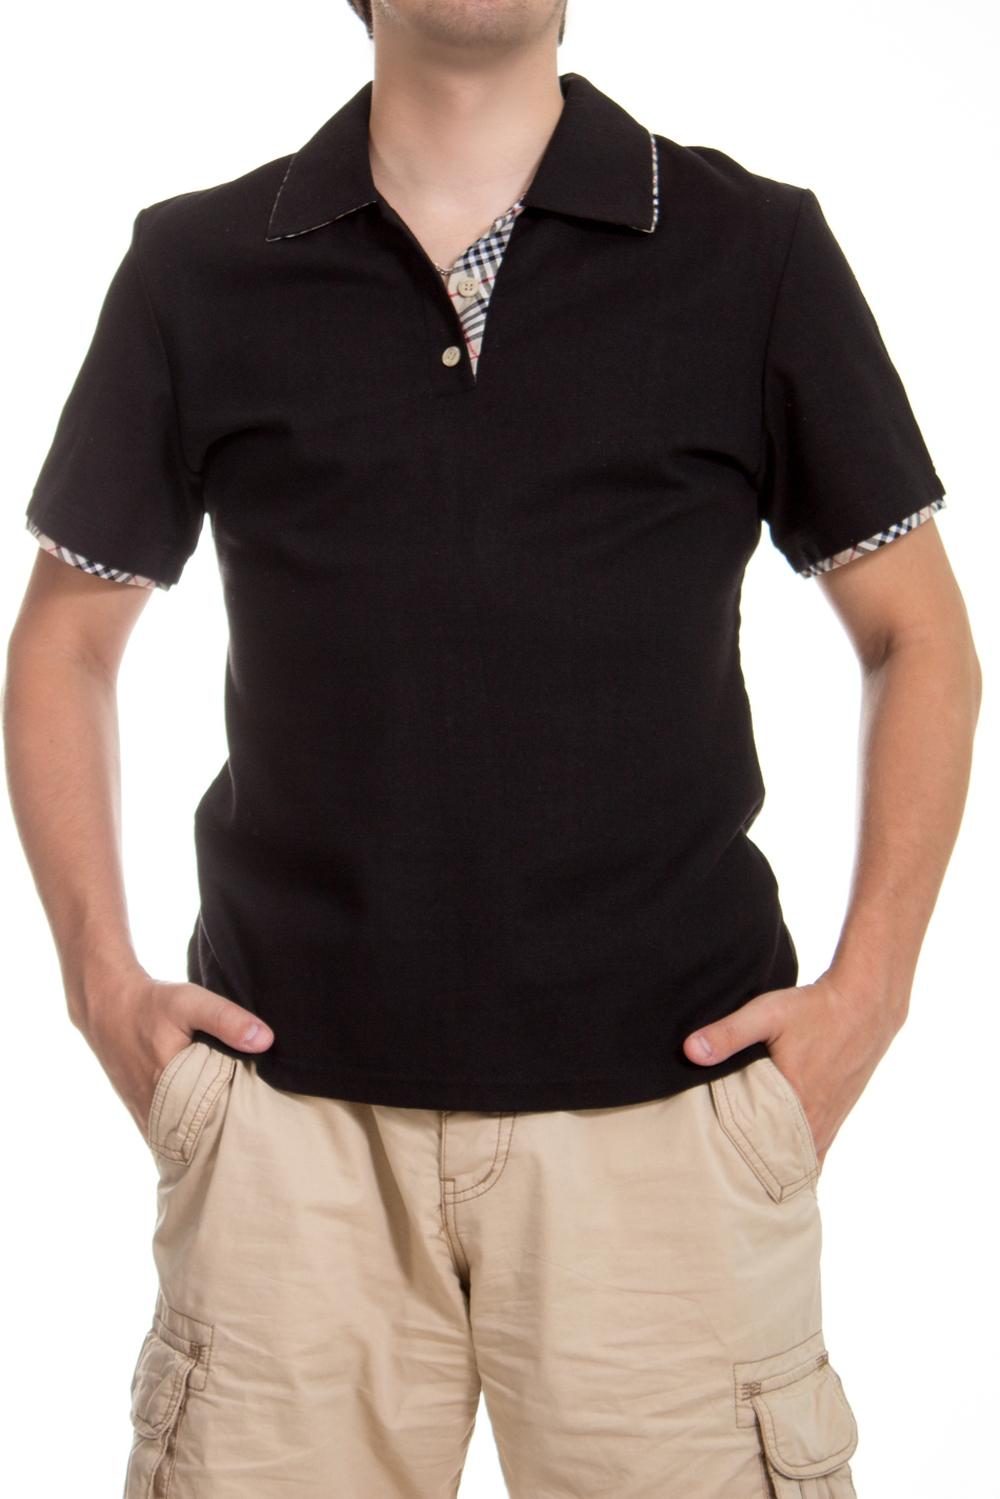 ФутболкаФутболки<br>Оригинальная футболка поло выполнена из высококачественного материала. Незаменимая модель в гардеробе каждого мужчины. Идеально будет сочетаться с джинсами.  Цвет: черный  Ростовка изделия 175-180 см.<br><br>По сезону: Всесезон<br>Размер : 48<br>Материал: Лен<br>Количество в наличии: 1